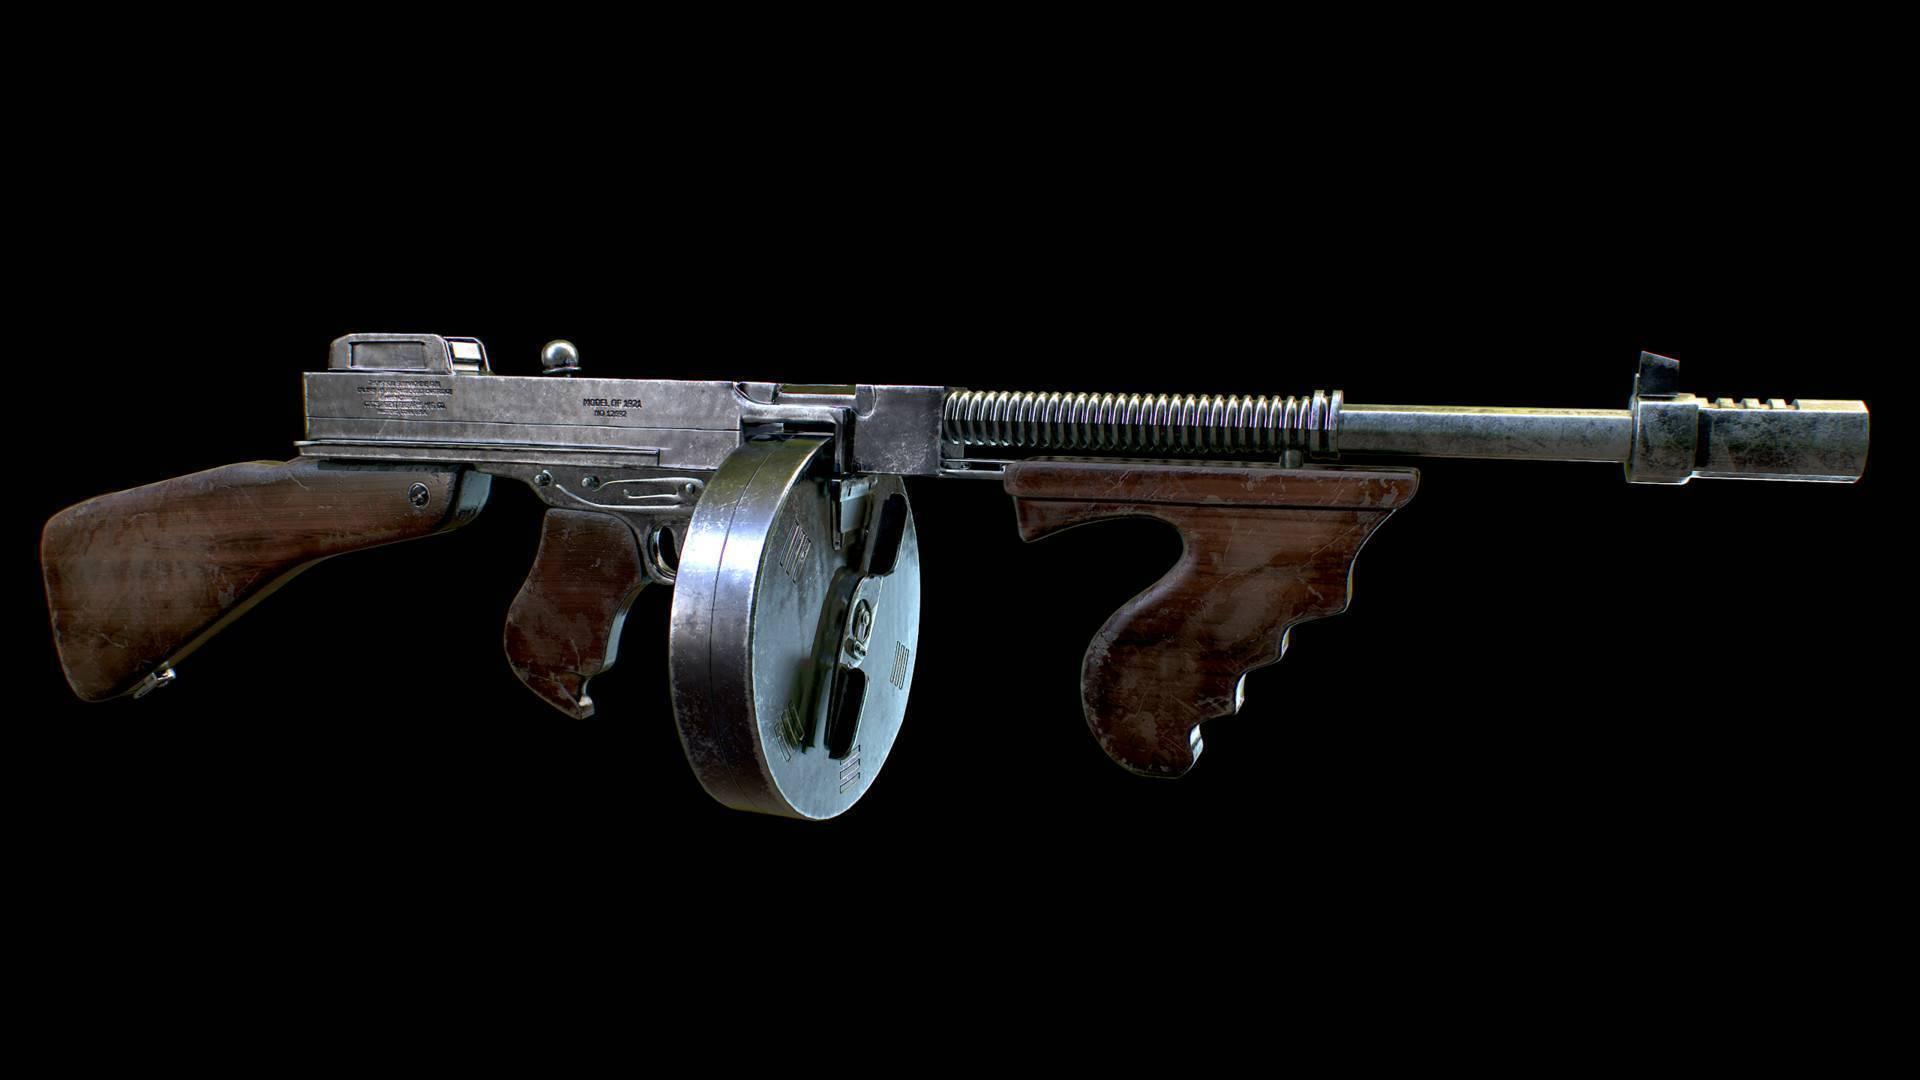 Автомат томпсона ттх. фото. видео. размеры. скорострельность. скорость пули. прицельная дальность. вес